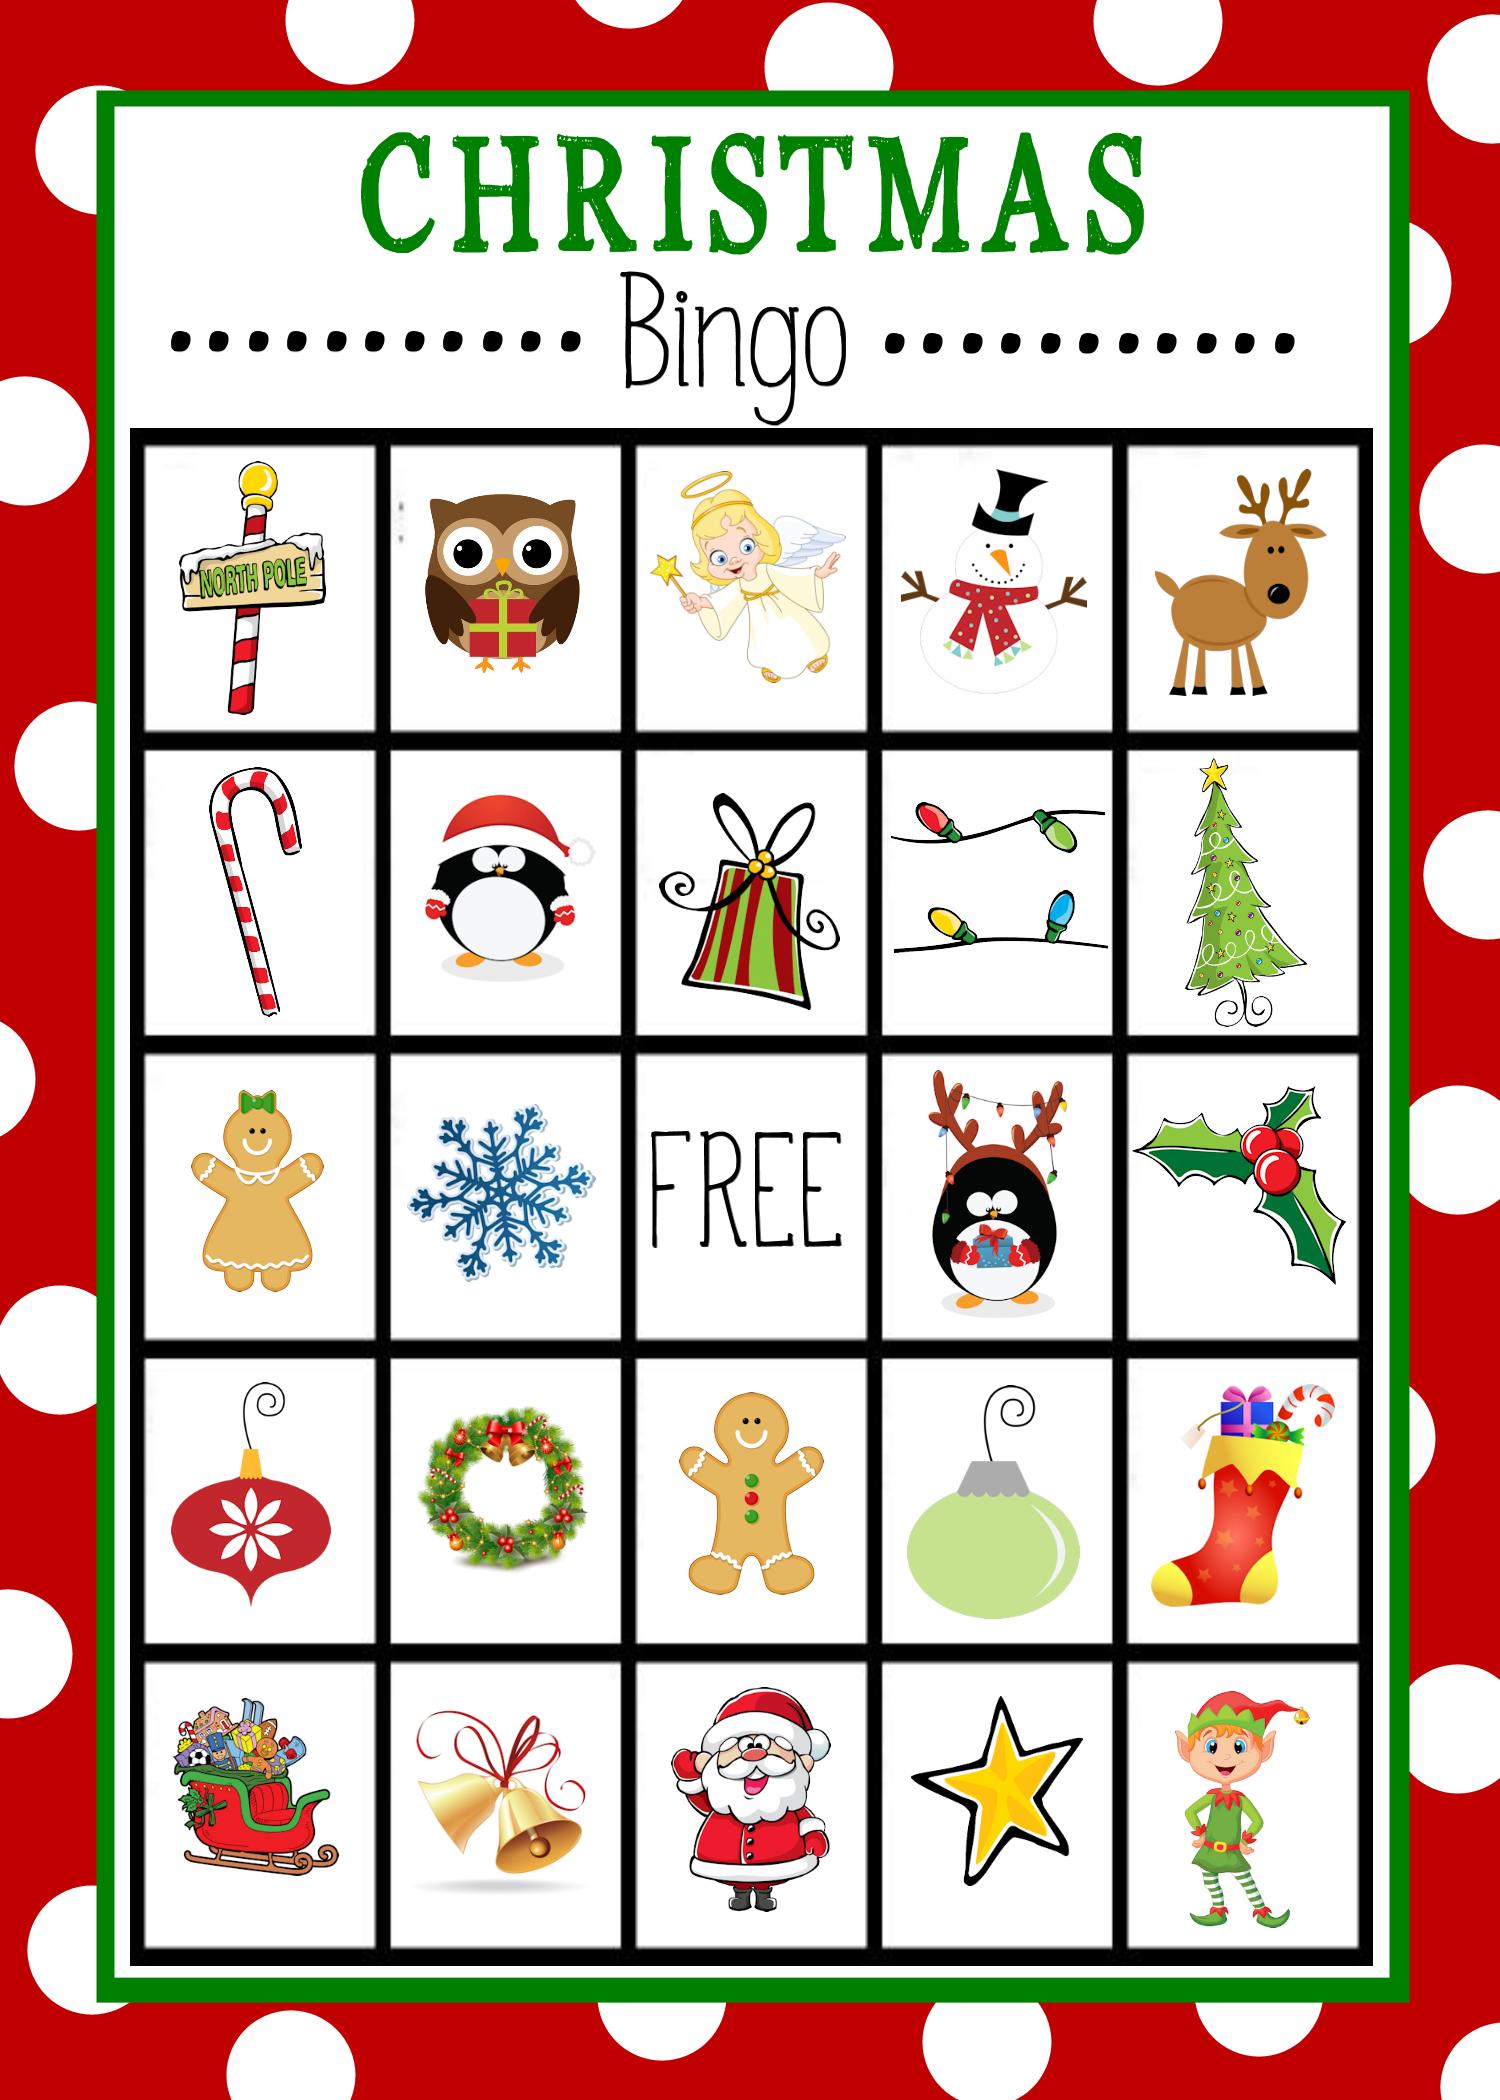 Free Printable Christmas Bingo Game   Christmas   Christmas Bingo - Free Printable Christmas Bingo Cards